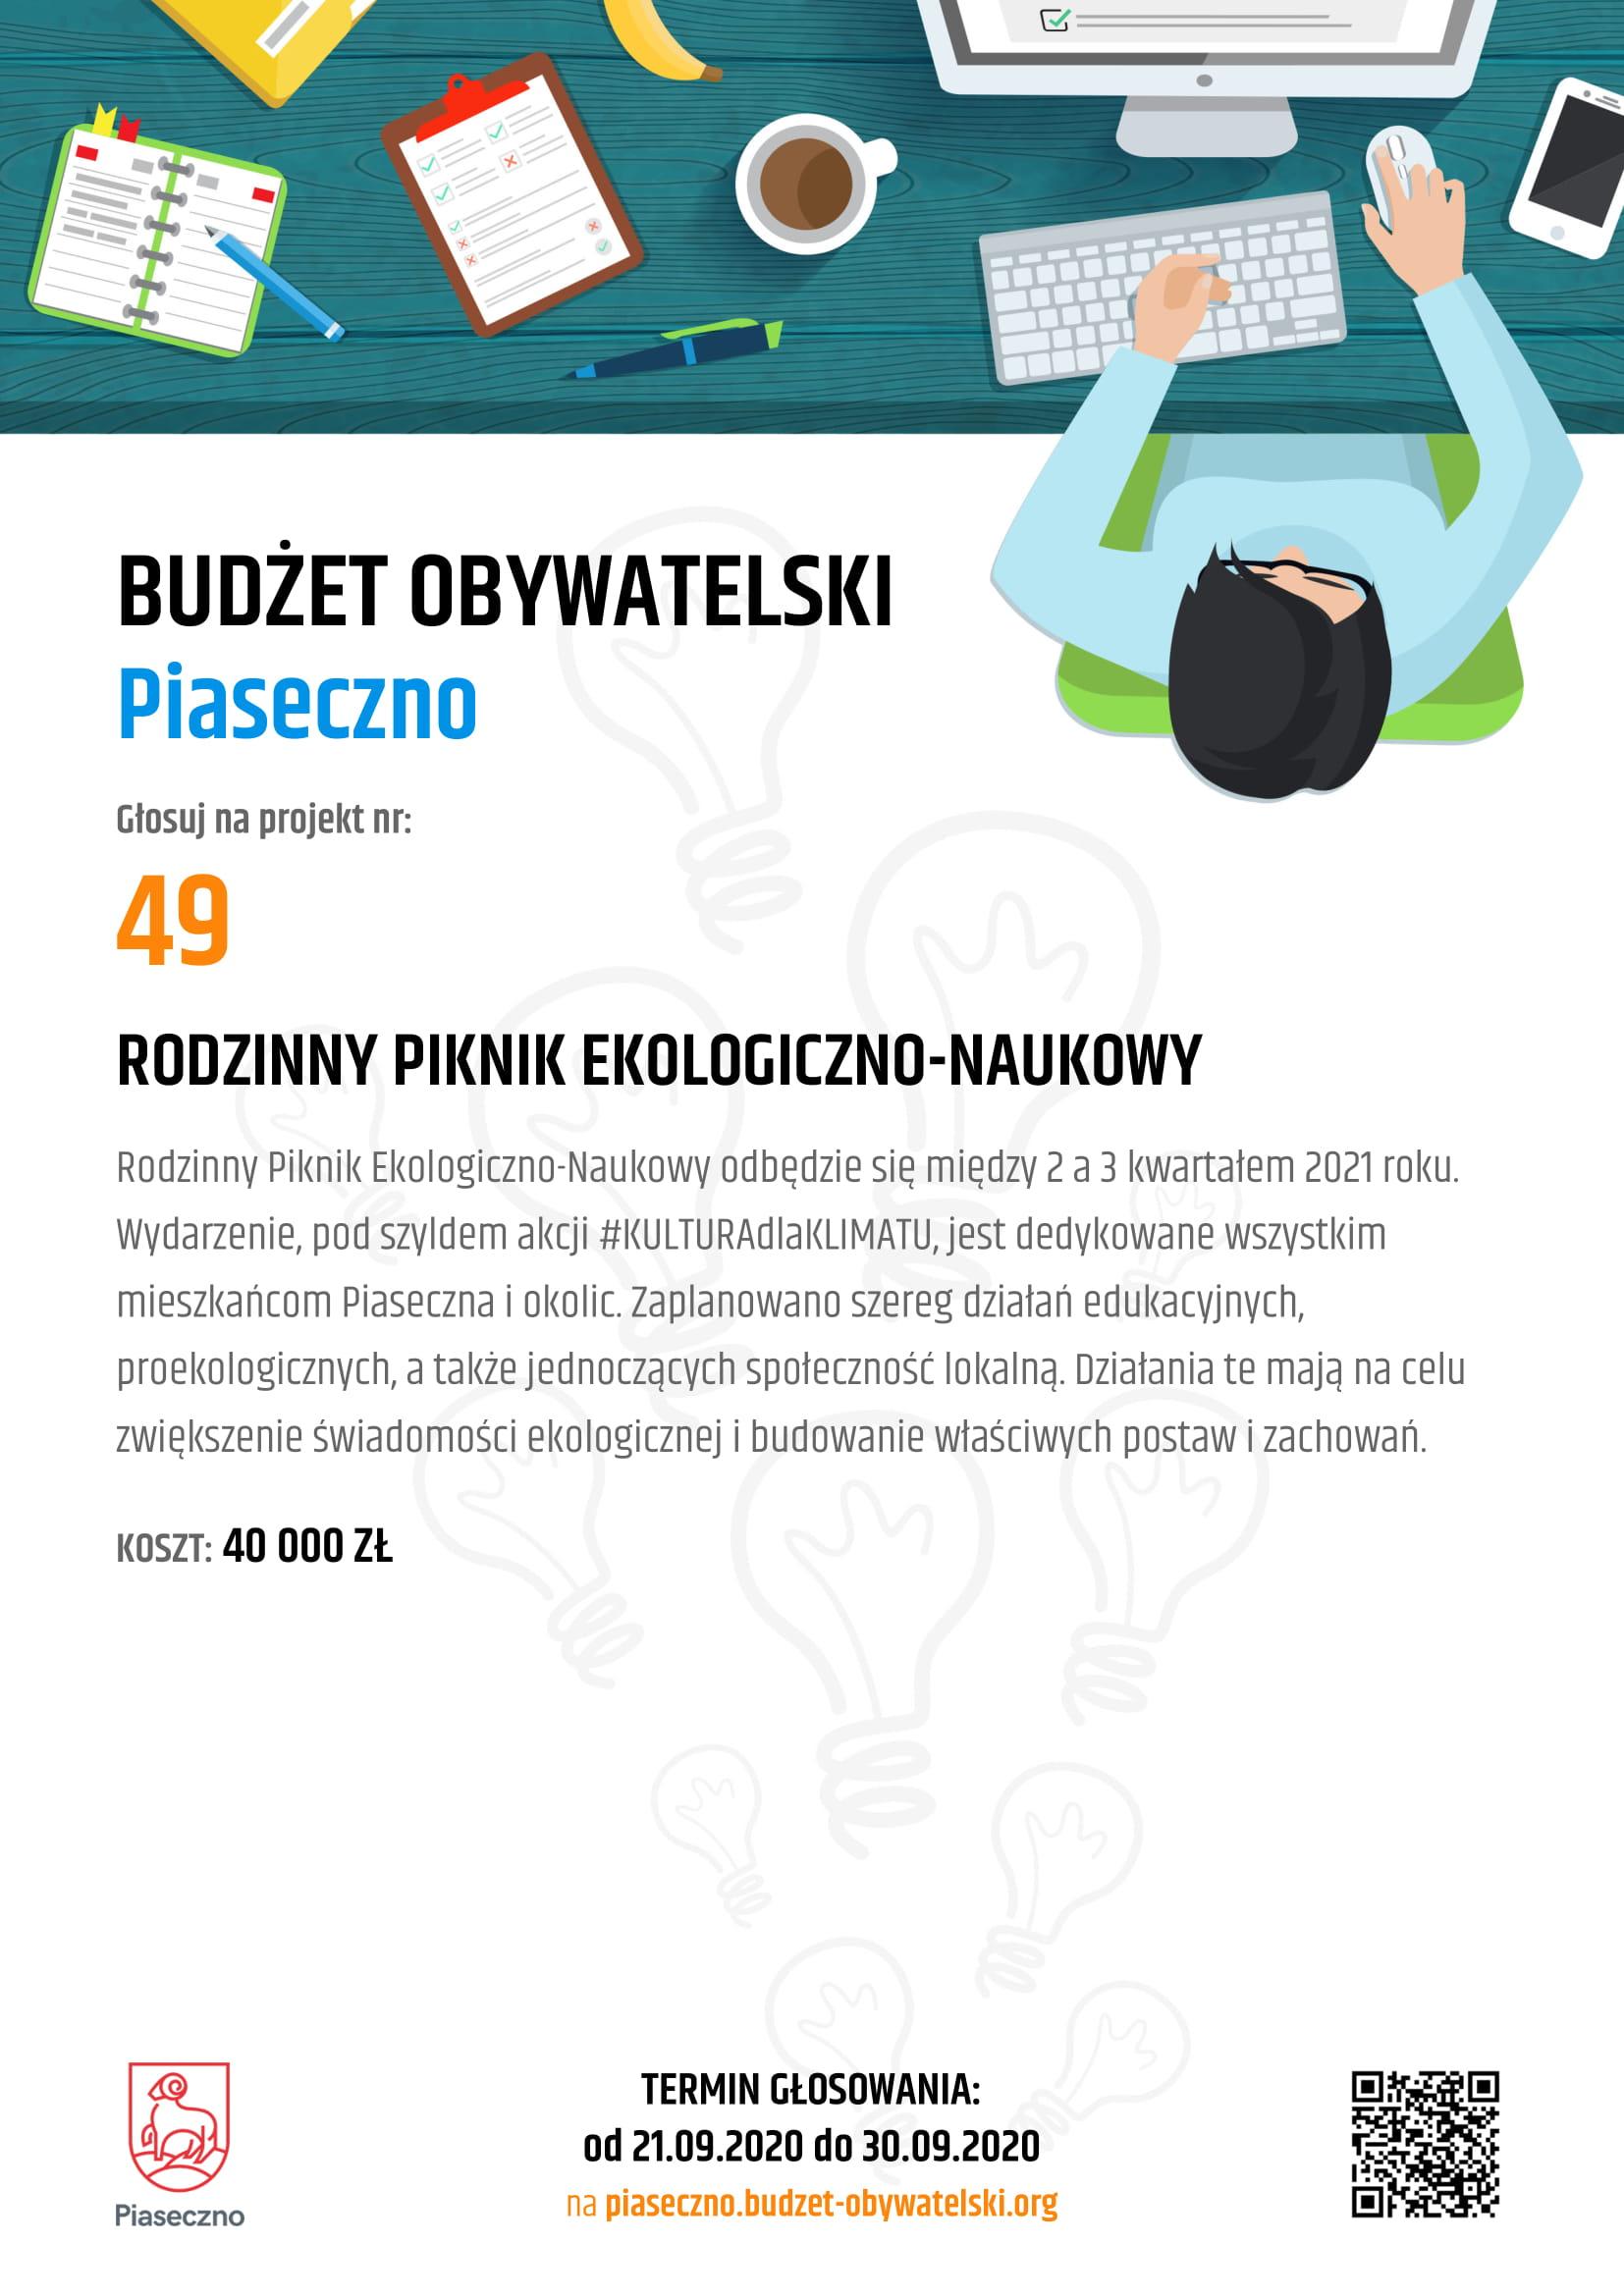 Budżet Obywatelski Piaseczno 49 Rodzinny Piknik Ekologiczno Naukowy